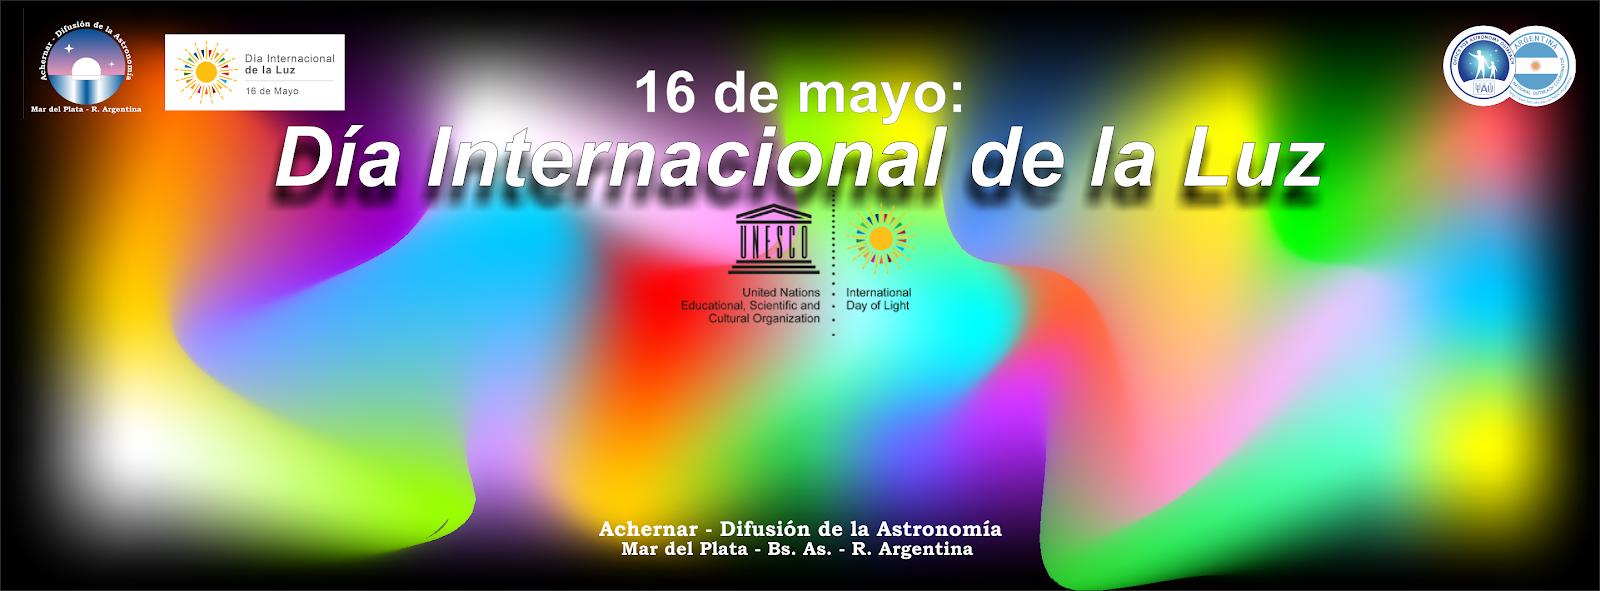 Mayo 16: Día Internacional de la Luz